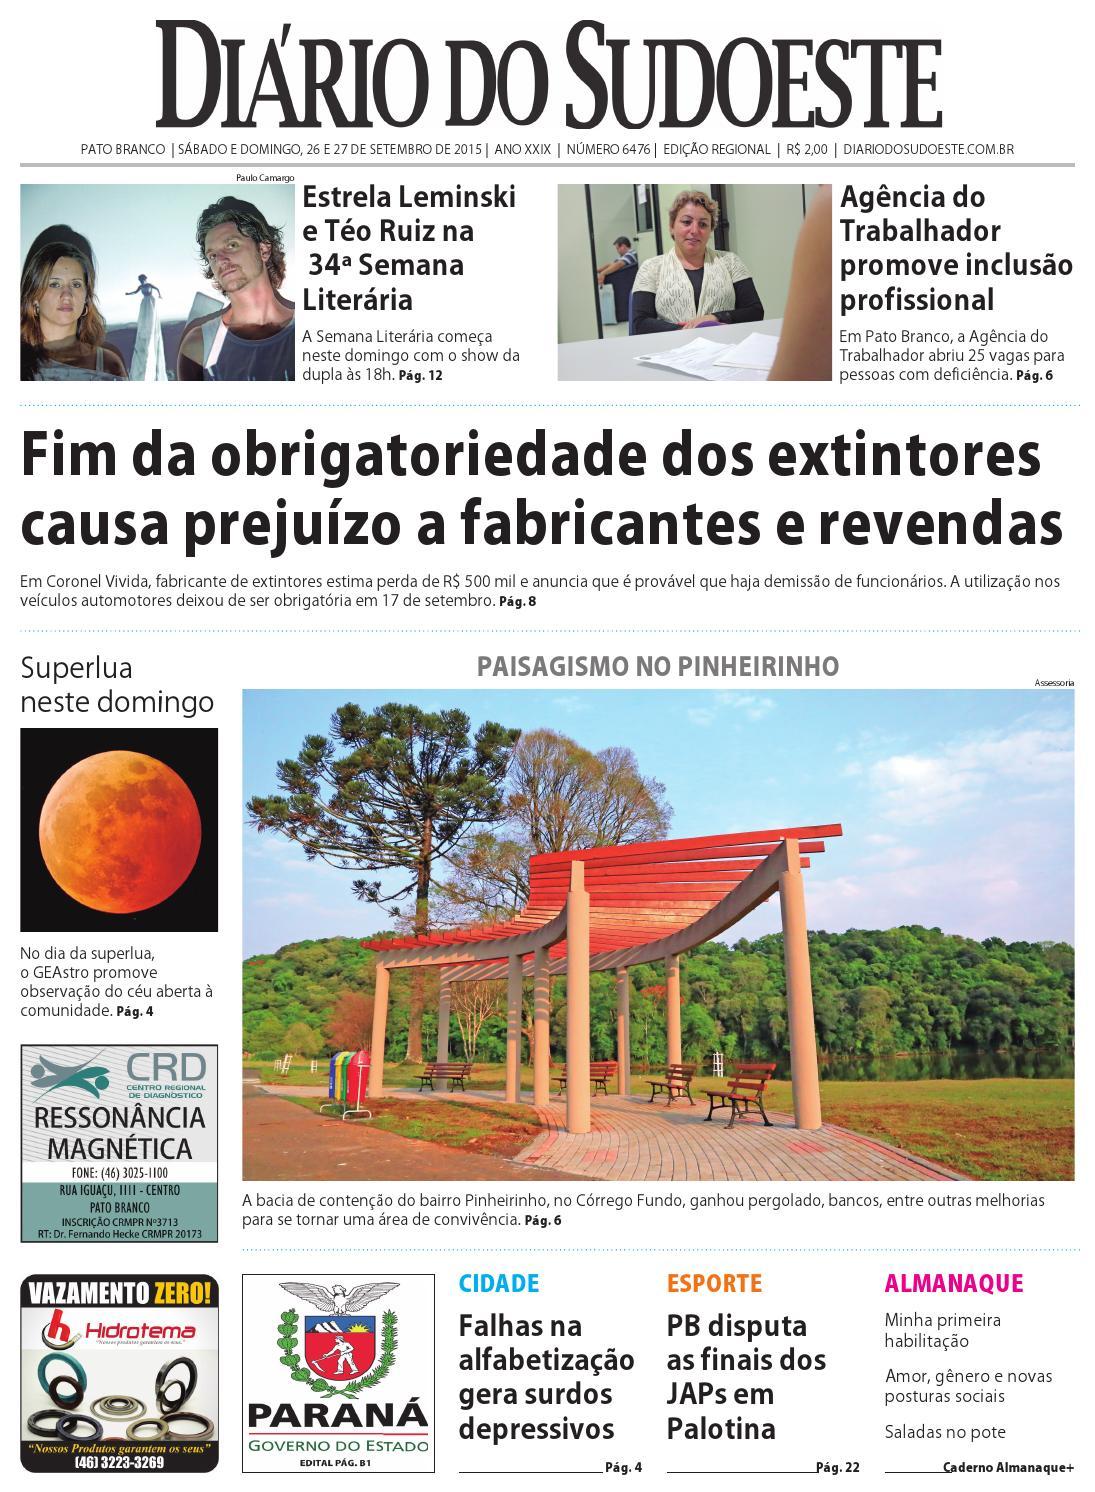 8c5d5c9114e16 Diário do sudoeste 26 e 27 de setembro de 2015 ed 6476 by Diário do  Sudoeste - issuu